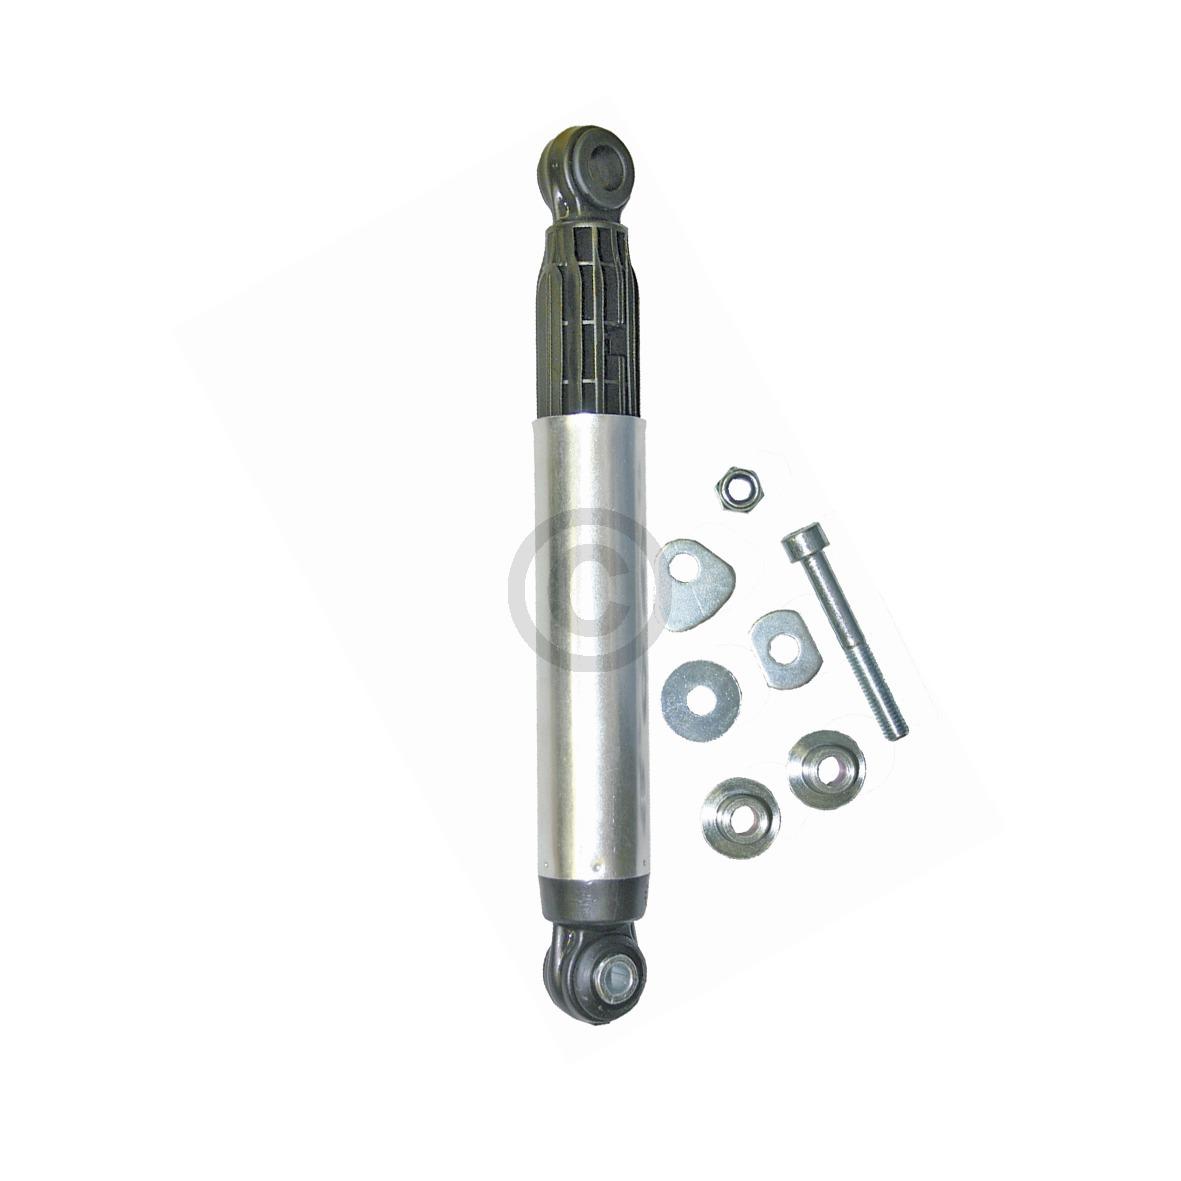 Stoßdämpfer Suspa 90N 00448032 448032 Bosch, Siemens, Neff